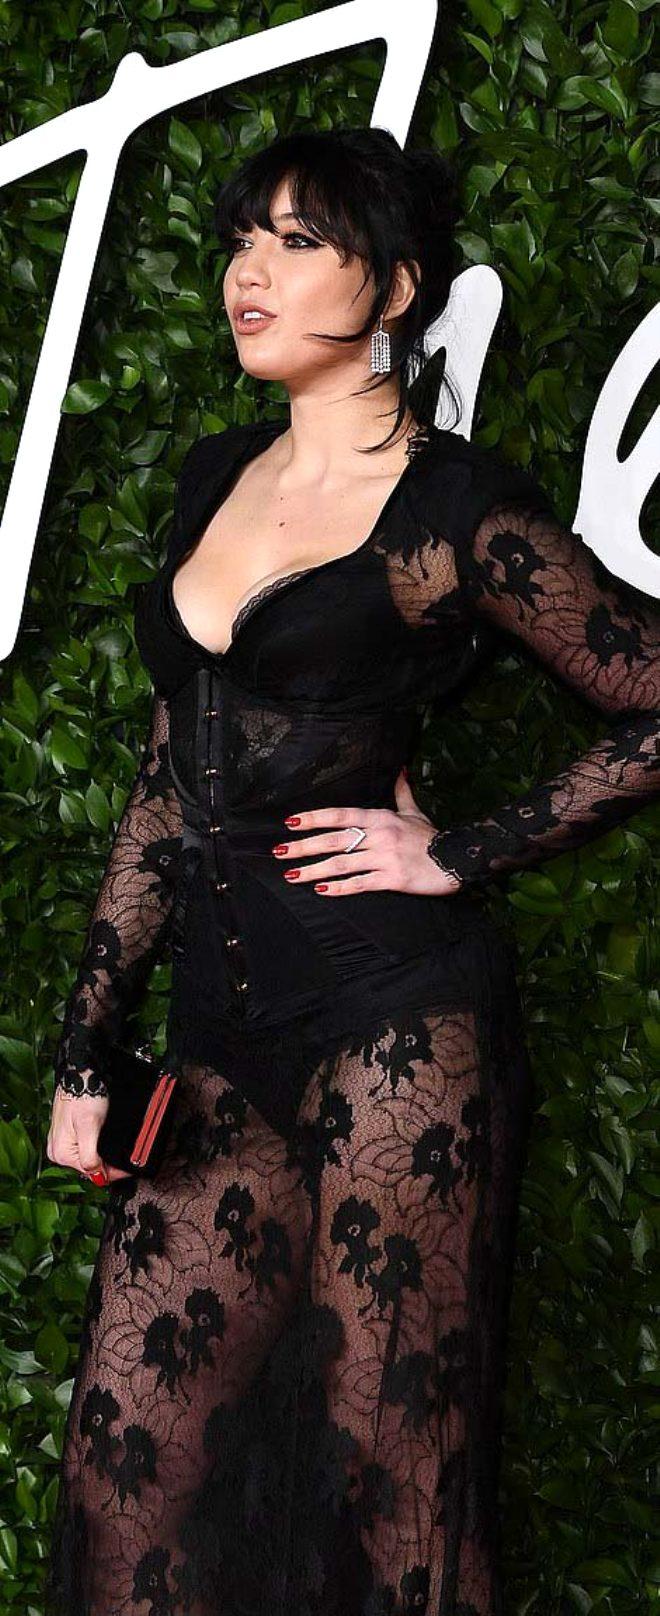 ABD'li oyuncu Bella Thorne, derin bacak dekoltesiyle görenleri şaşı etti!